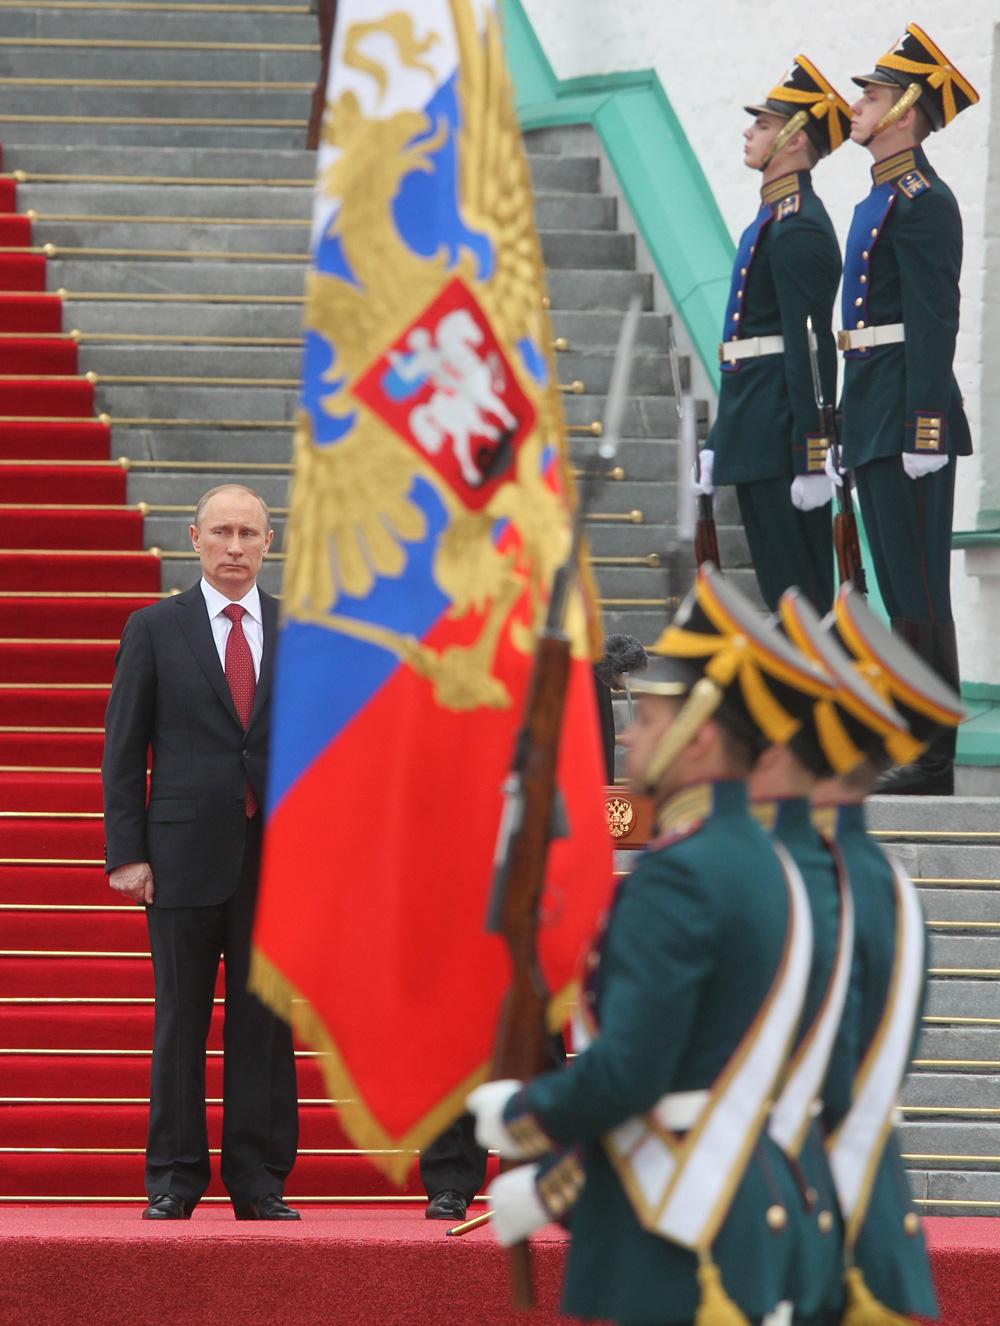 7 мая 2012. Президент РФ Владимир Путин принимает парад Президентского полка на Соборной площади Московского Кремля.